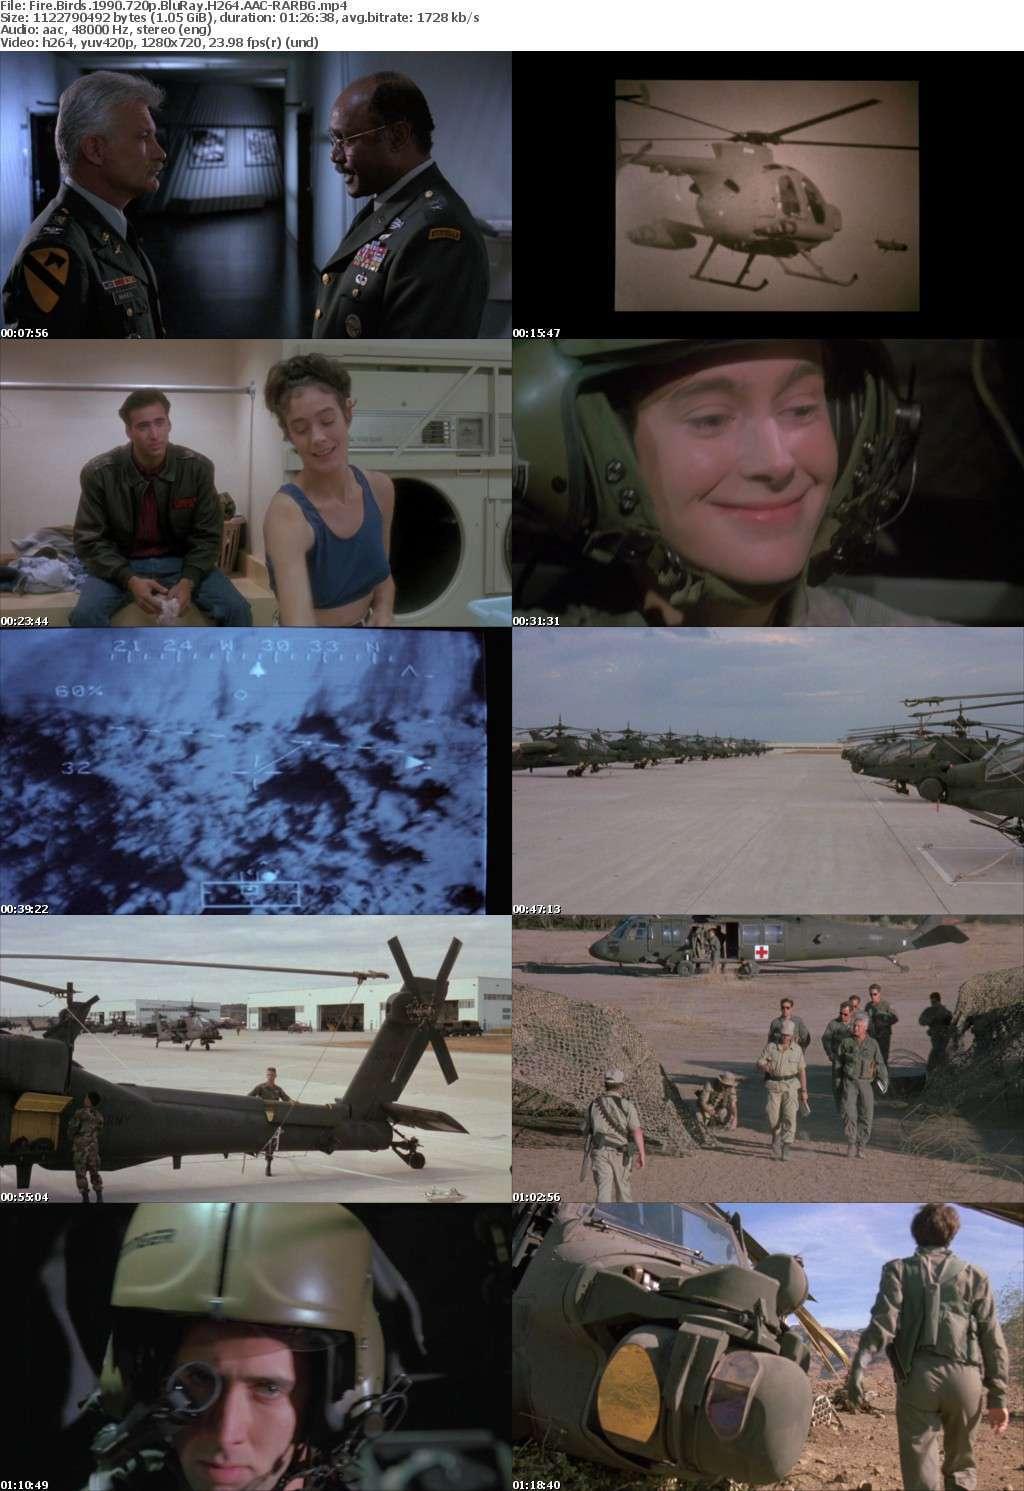 Fire Birds 1990 720p BluRay H264 AAC-RARBG